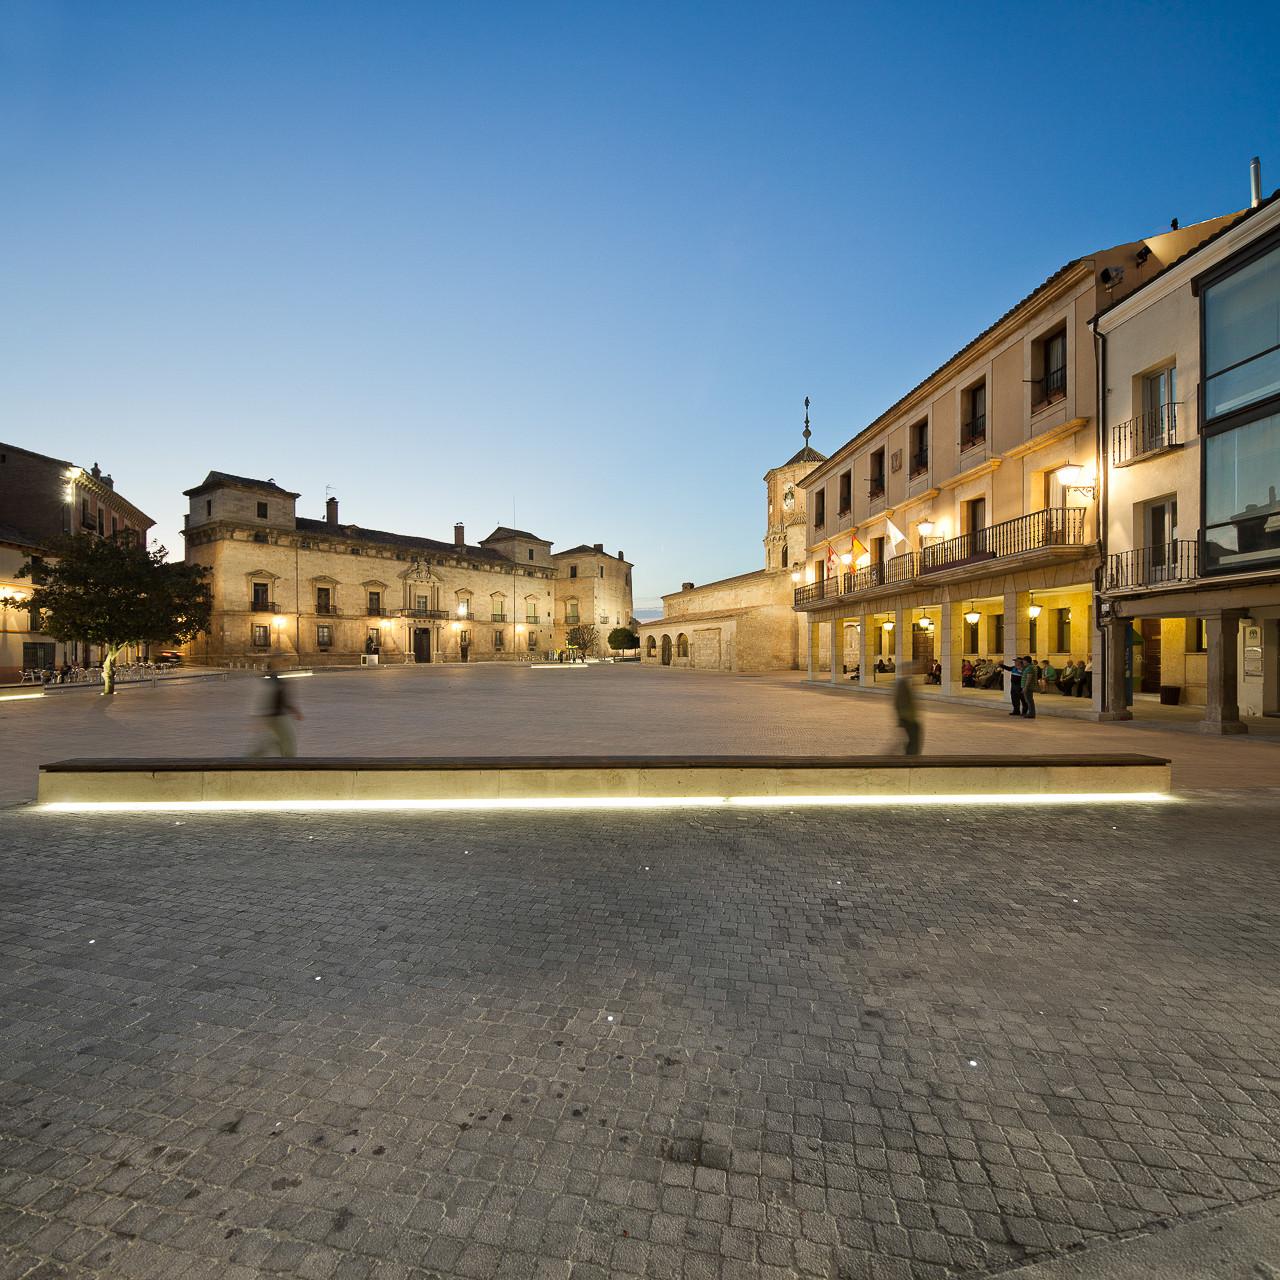 Proyecto de Iluminación: Remodelación de la Plaza Mayor de Almazán por CH+QS arquitectos, © Cortesía de CH+QS arquitectos